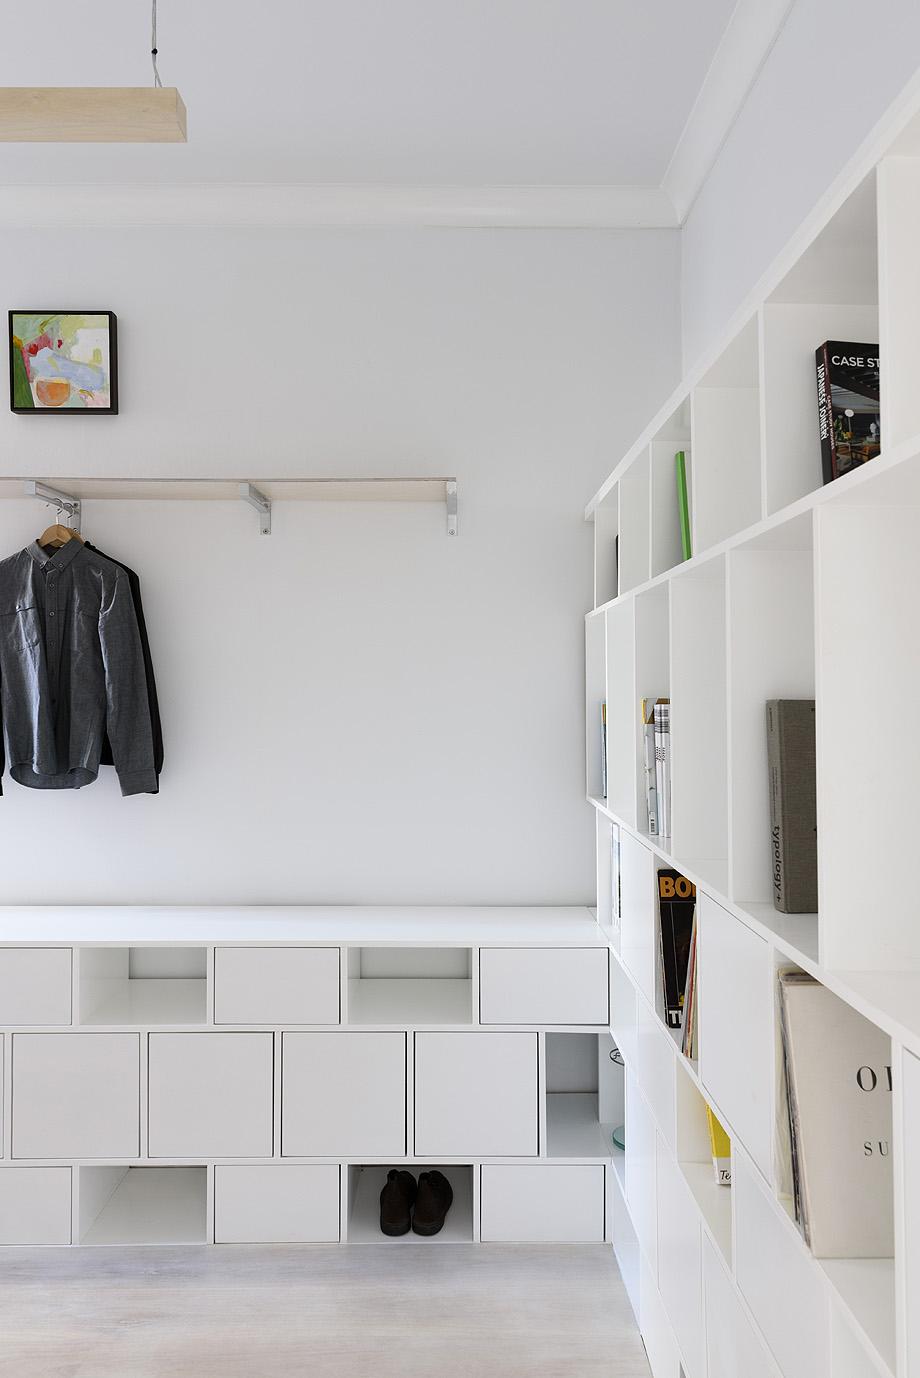 curtain cottage de studio apparte (6)